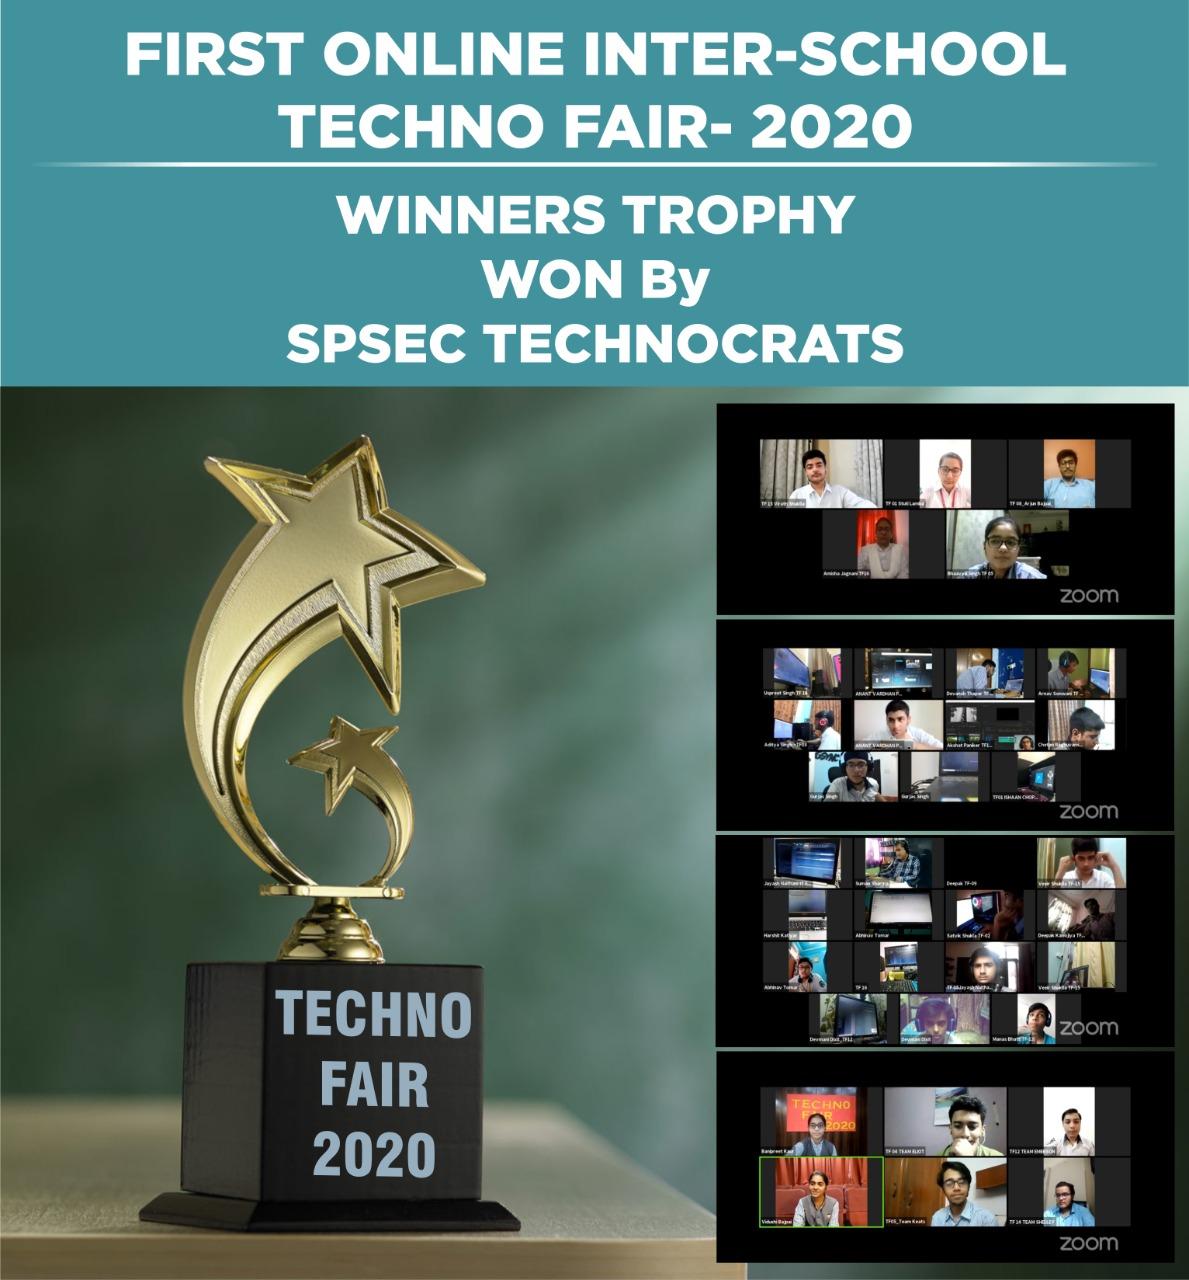 TechnoFair2020